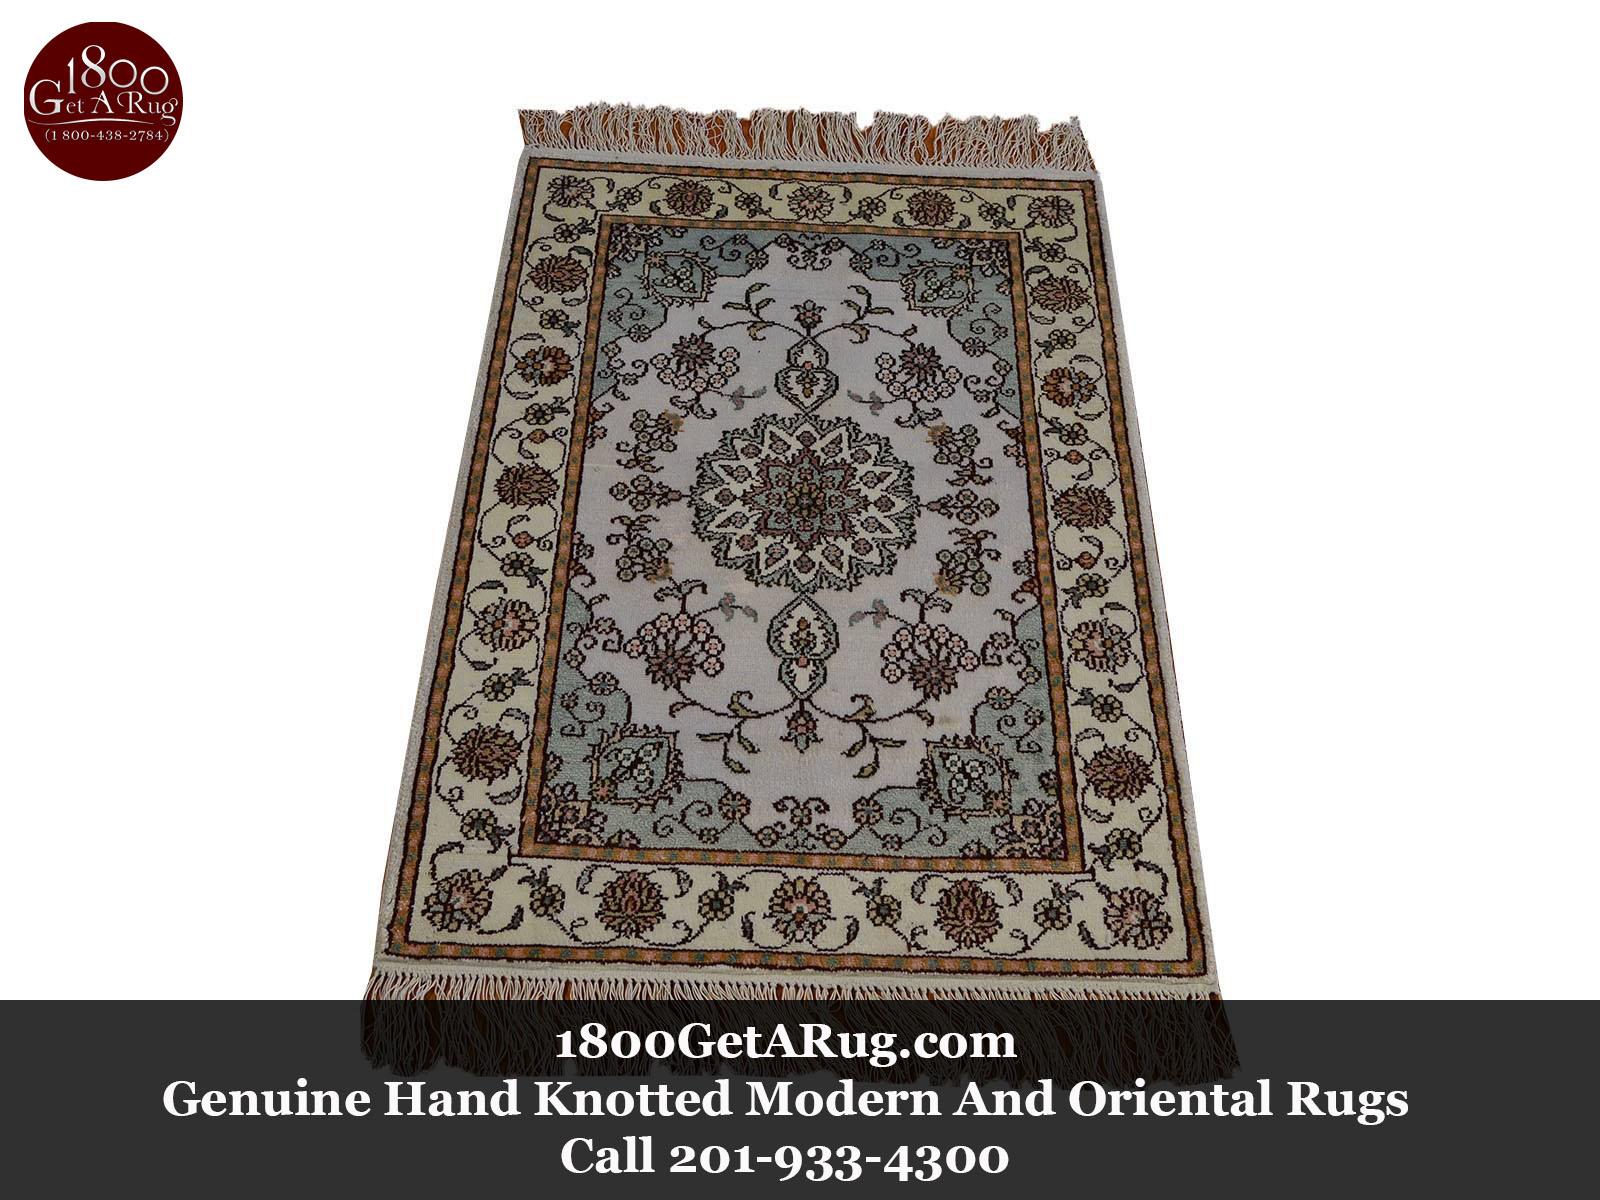 persian-rugs-1800getarug.com-sh13008-001